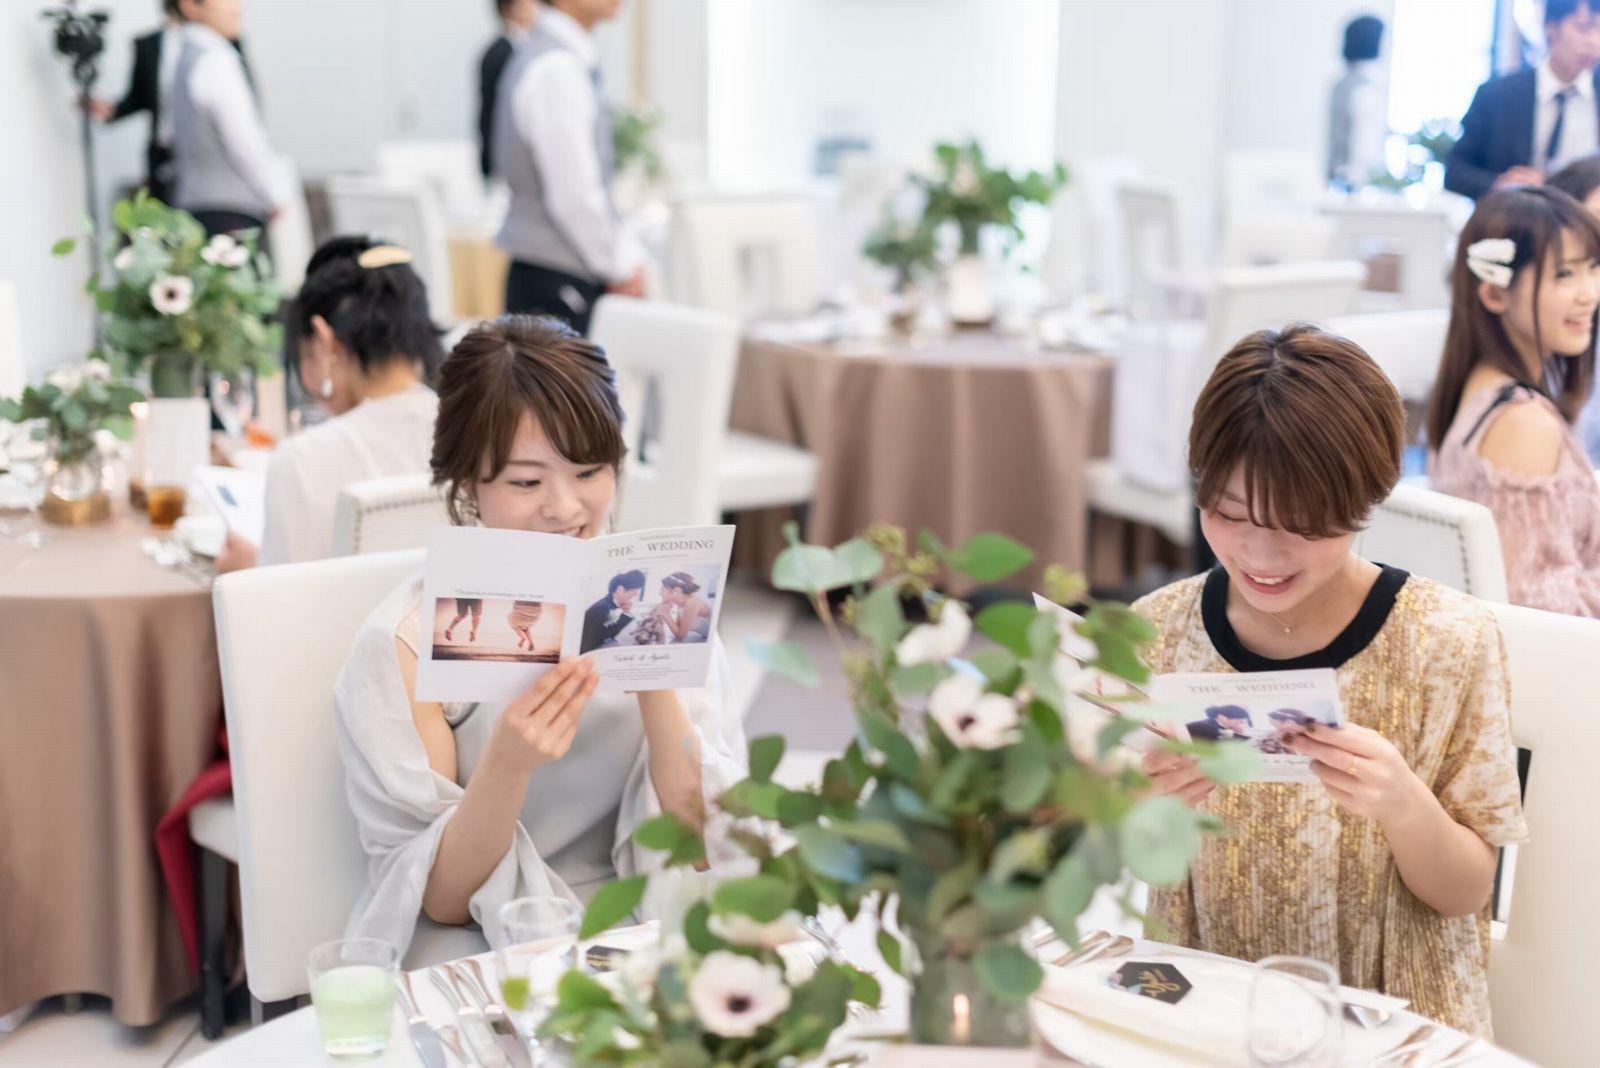 香川県の結婚式場シェルエメール&アイスタイル 会場コーディネート